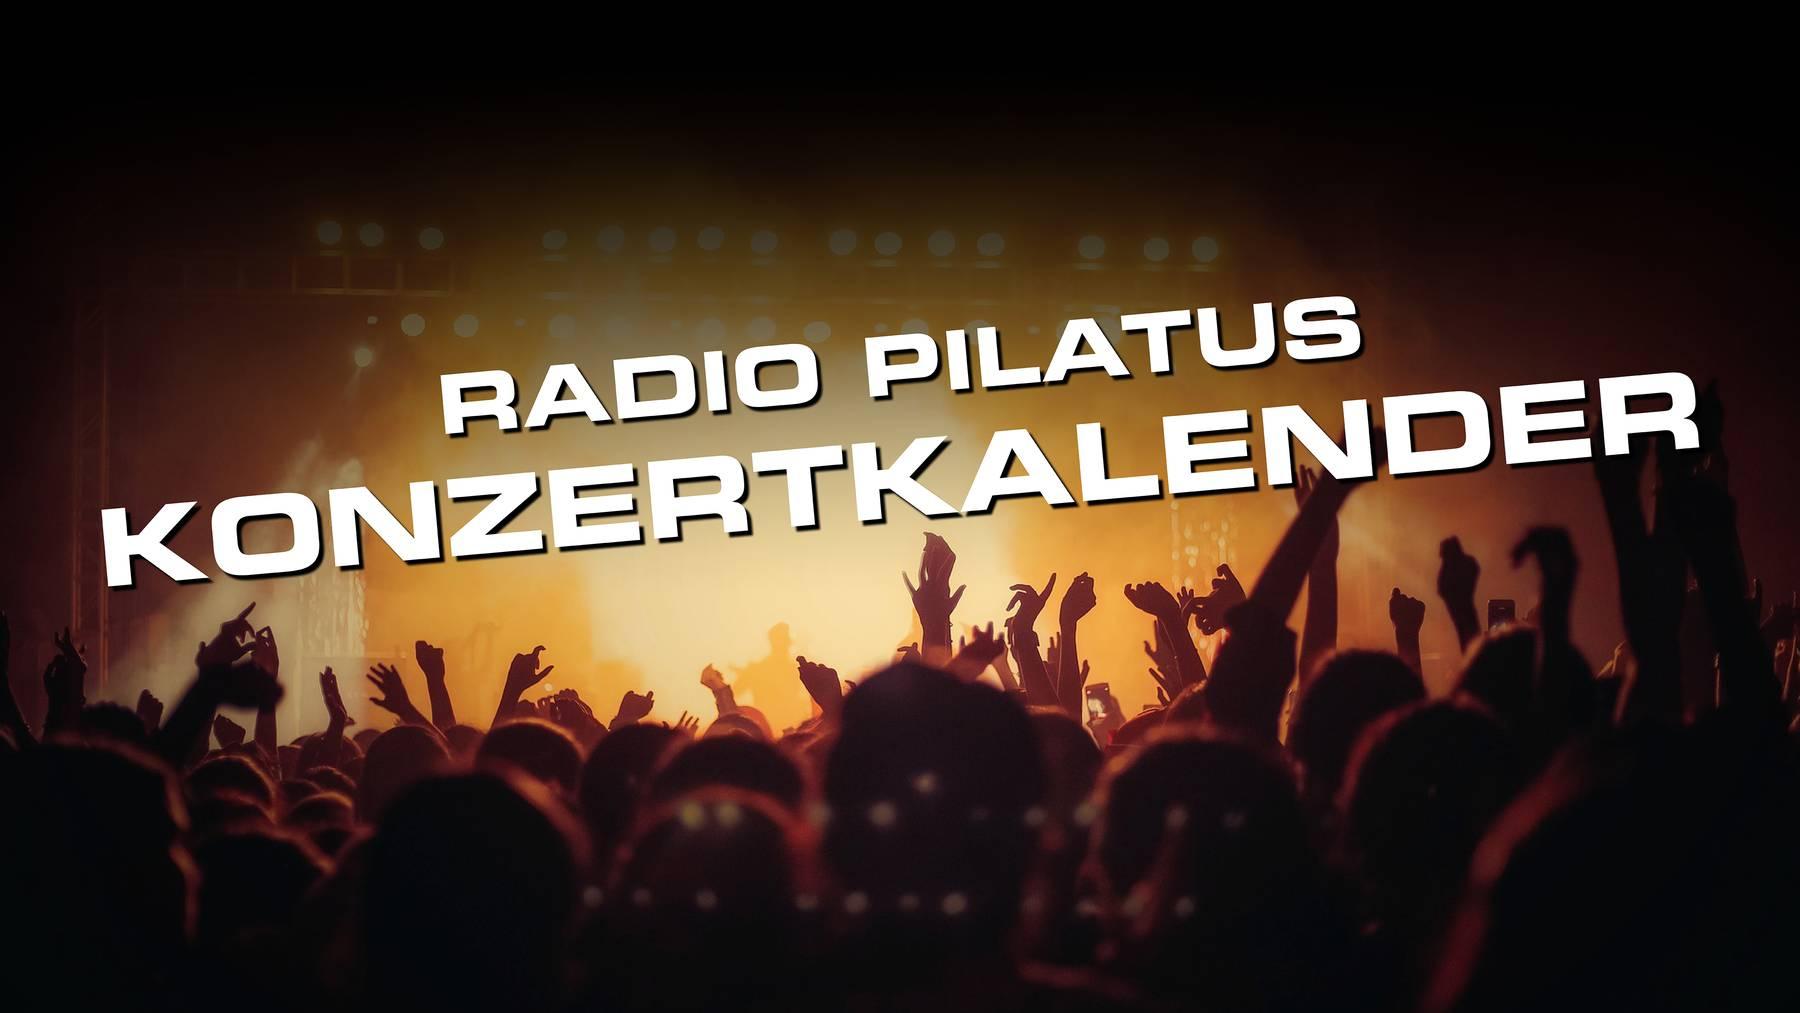 Radio Pilatus weiss, wann welche Stars in die Schweiz kommen.